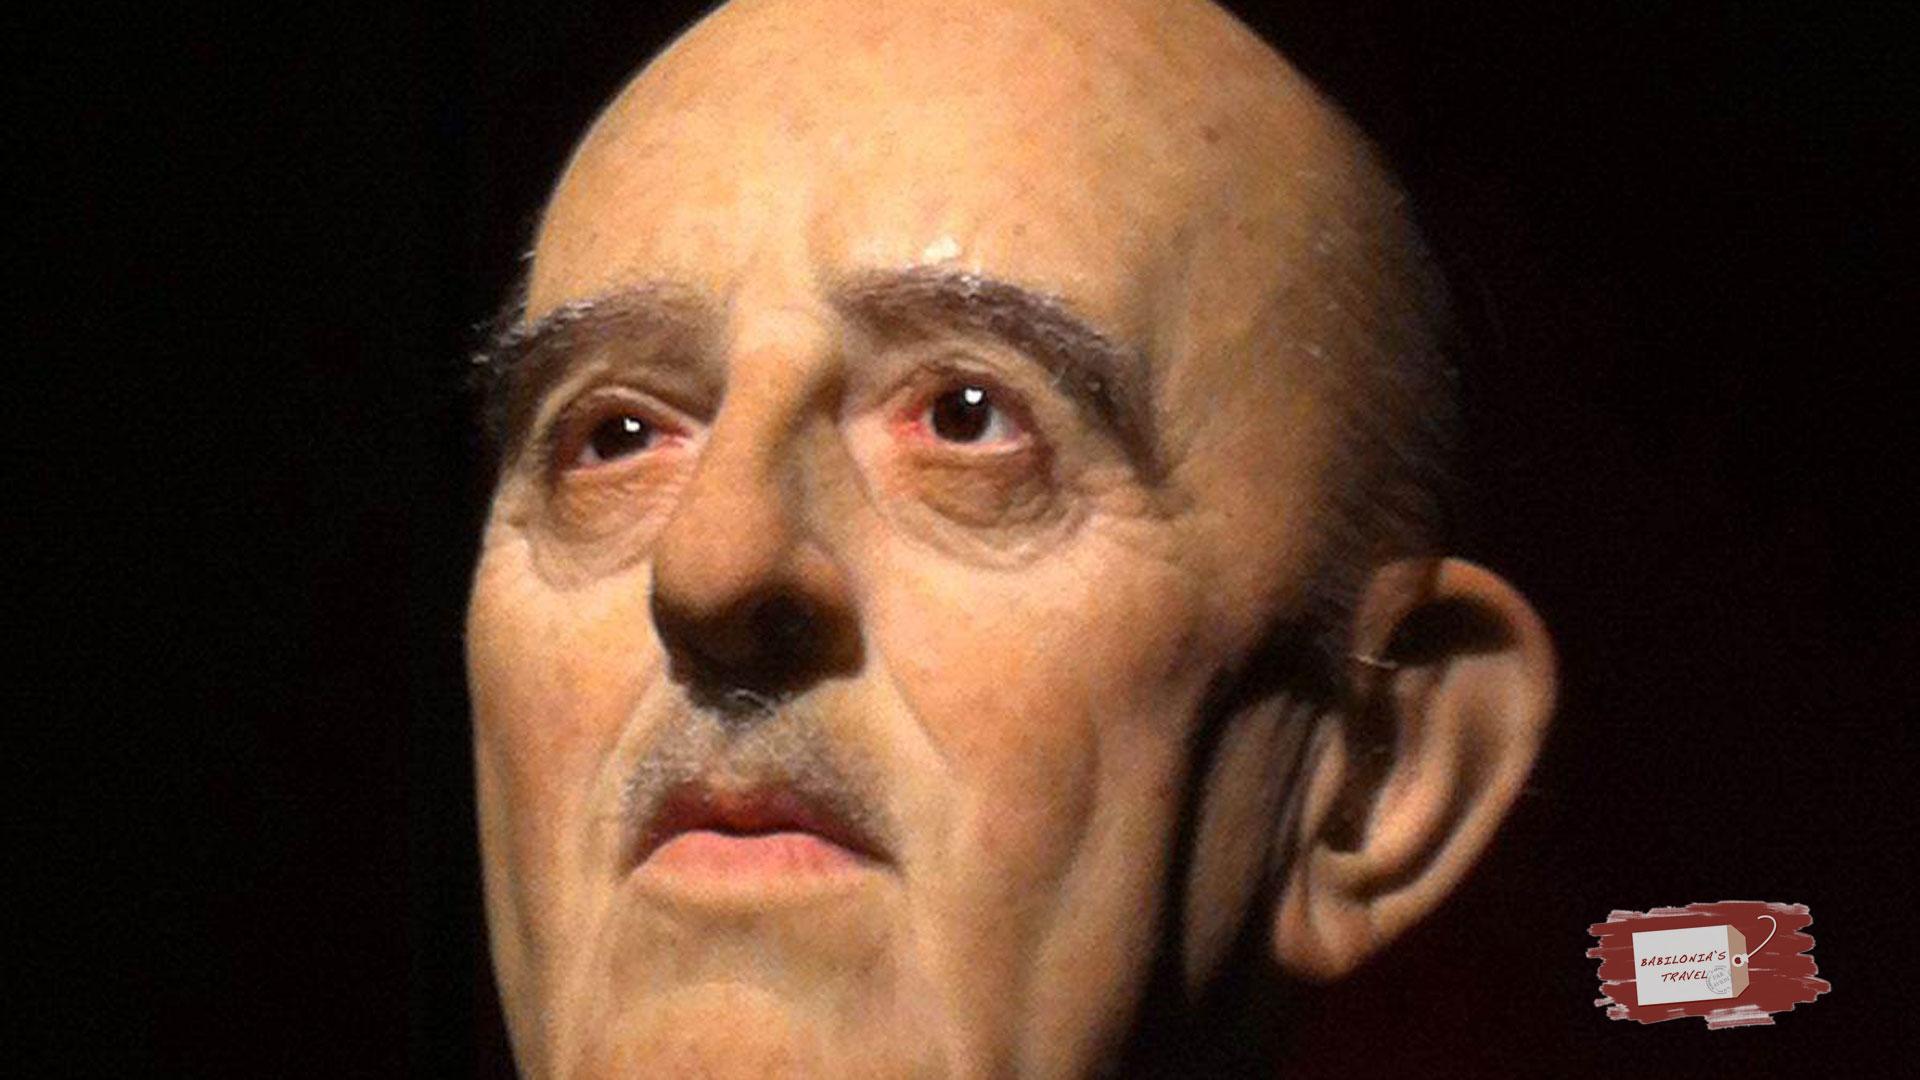 La Performance De Una Estatua De Franco Gana La Batalla A Una Exposición